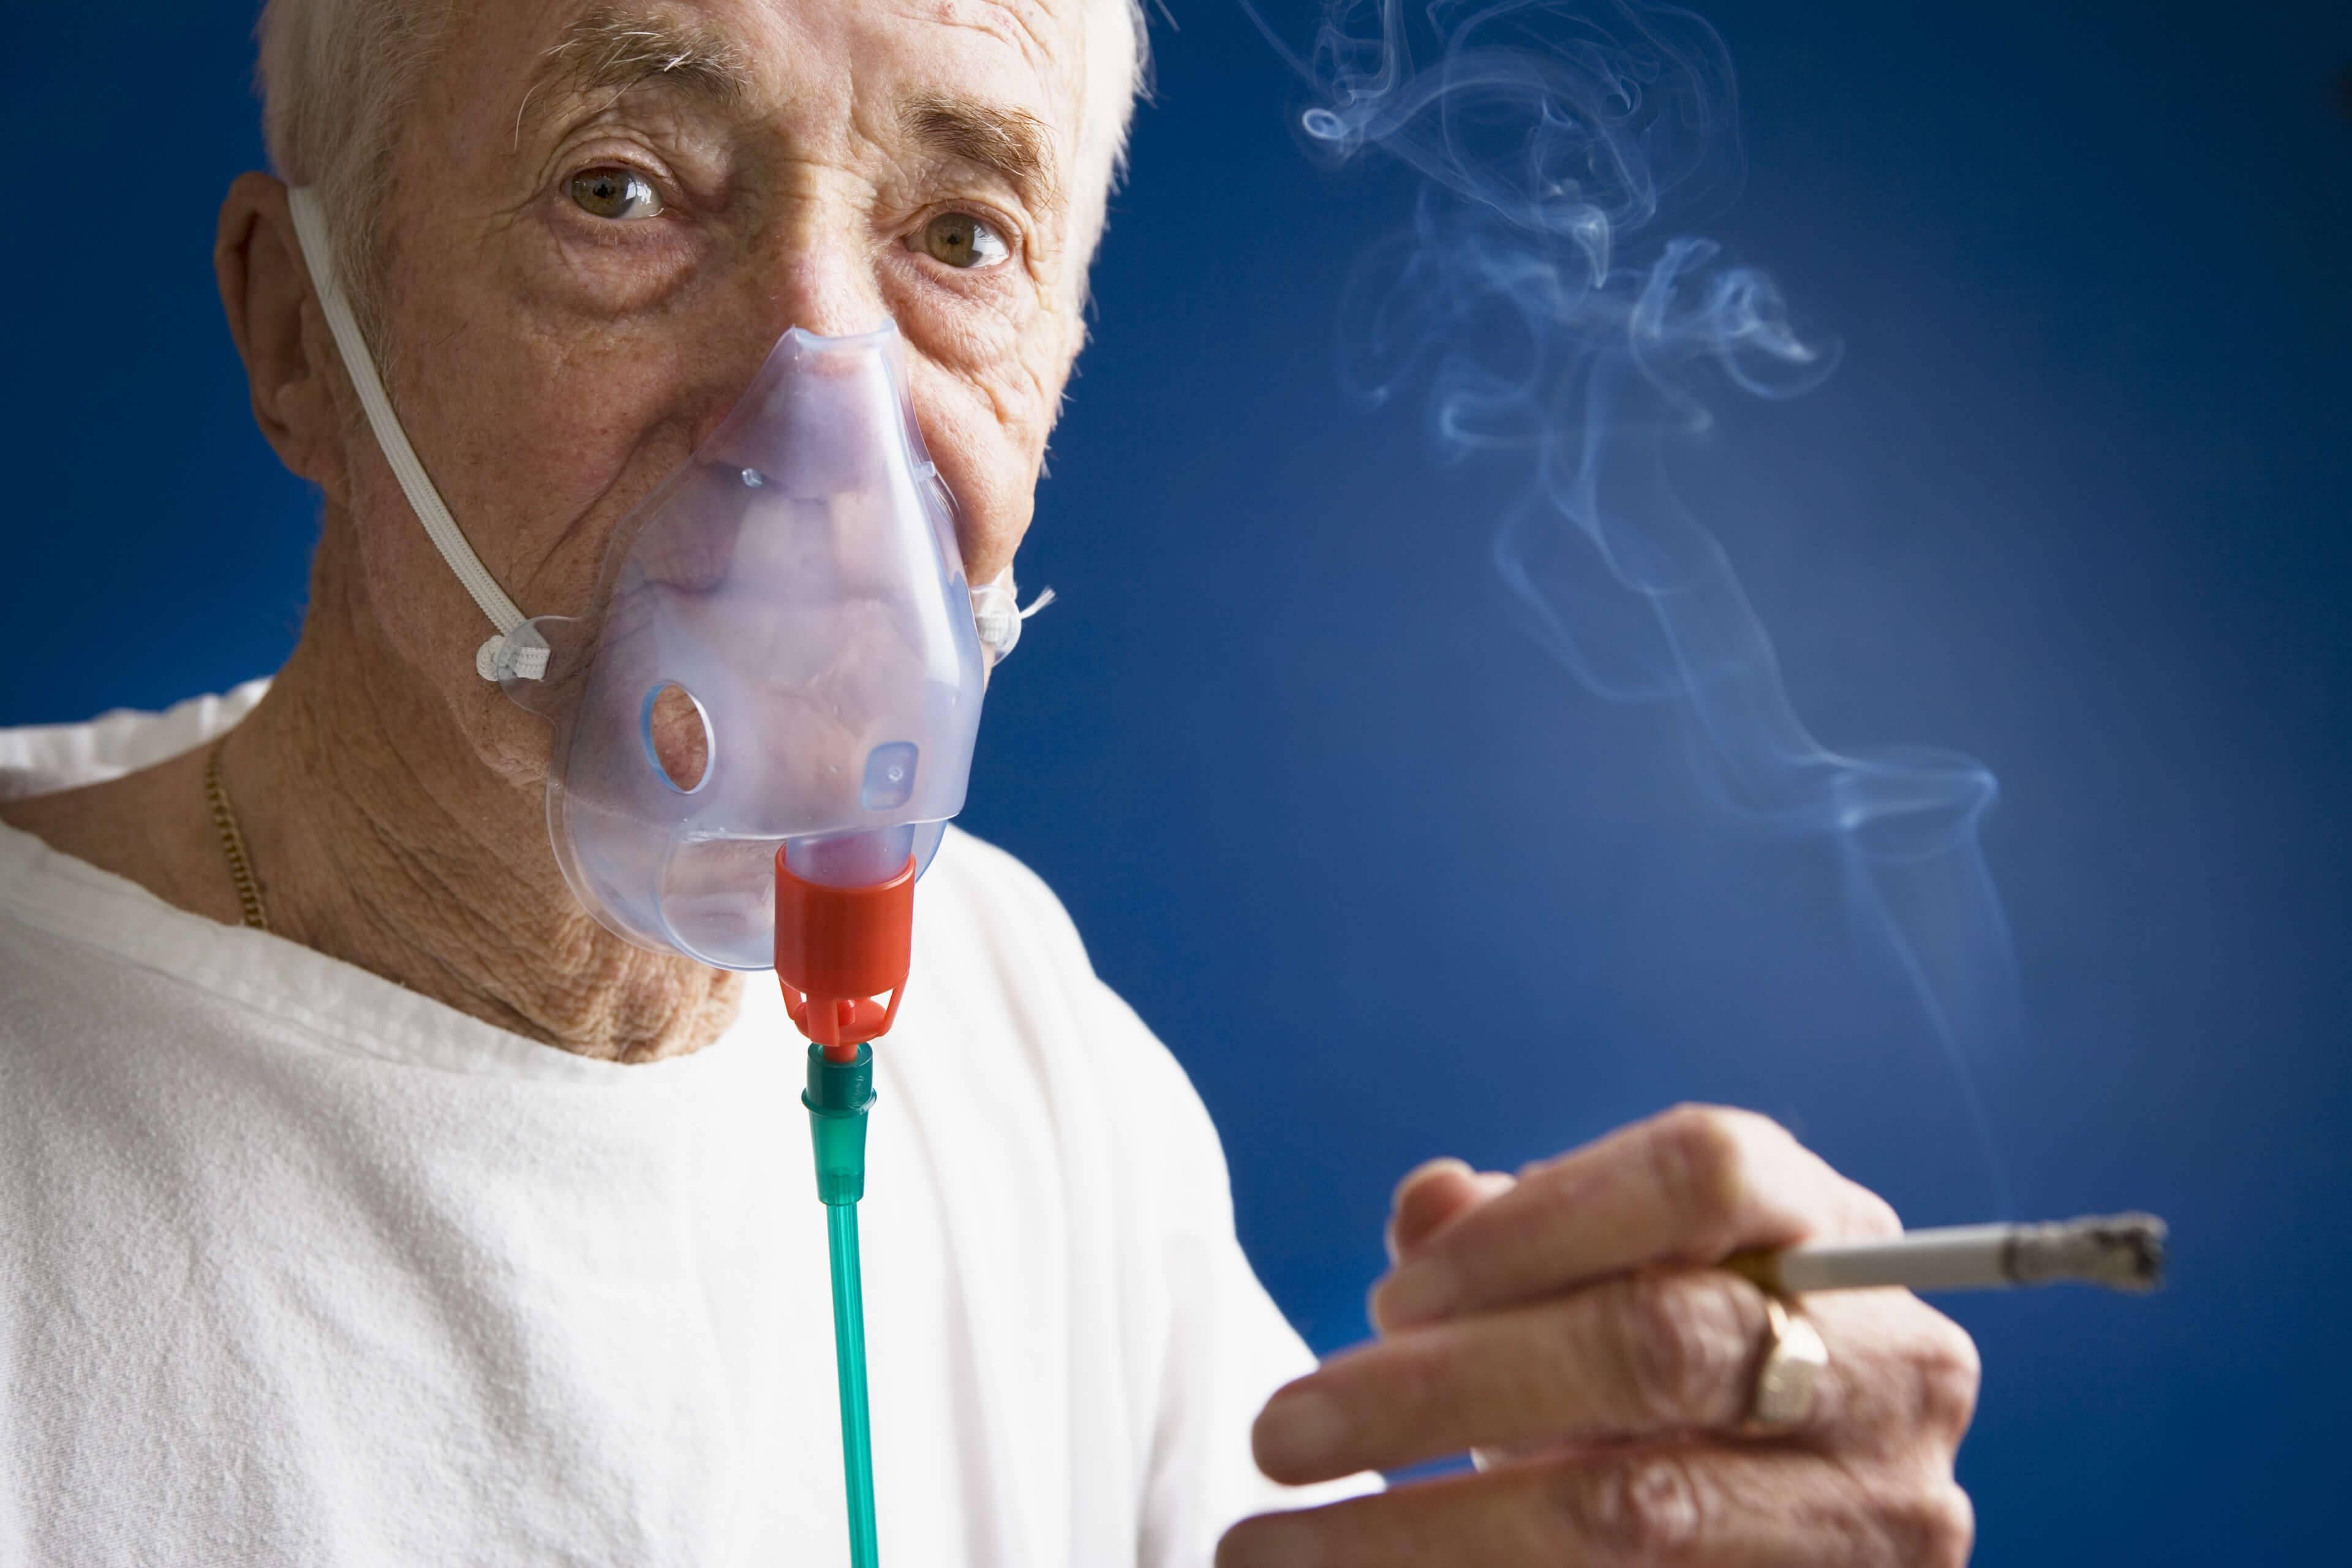 Причины тошноты при курении кальяна